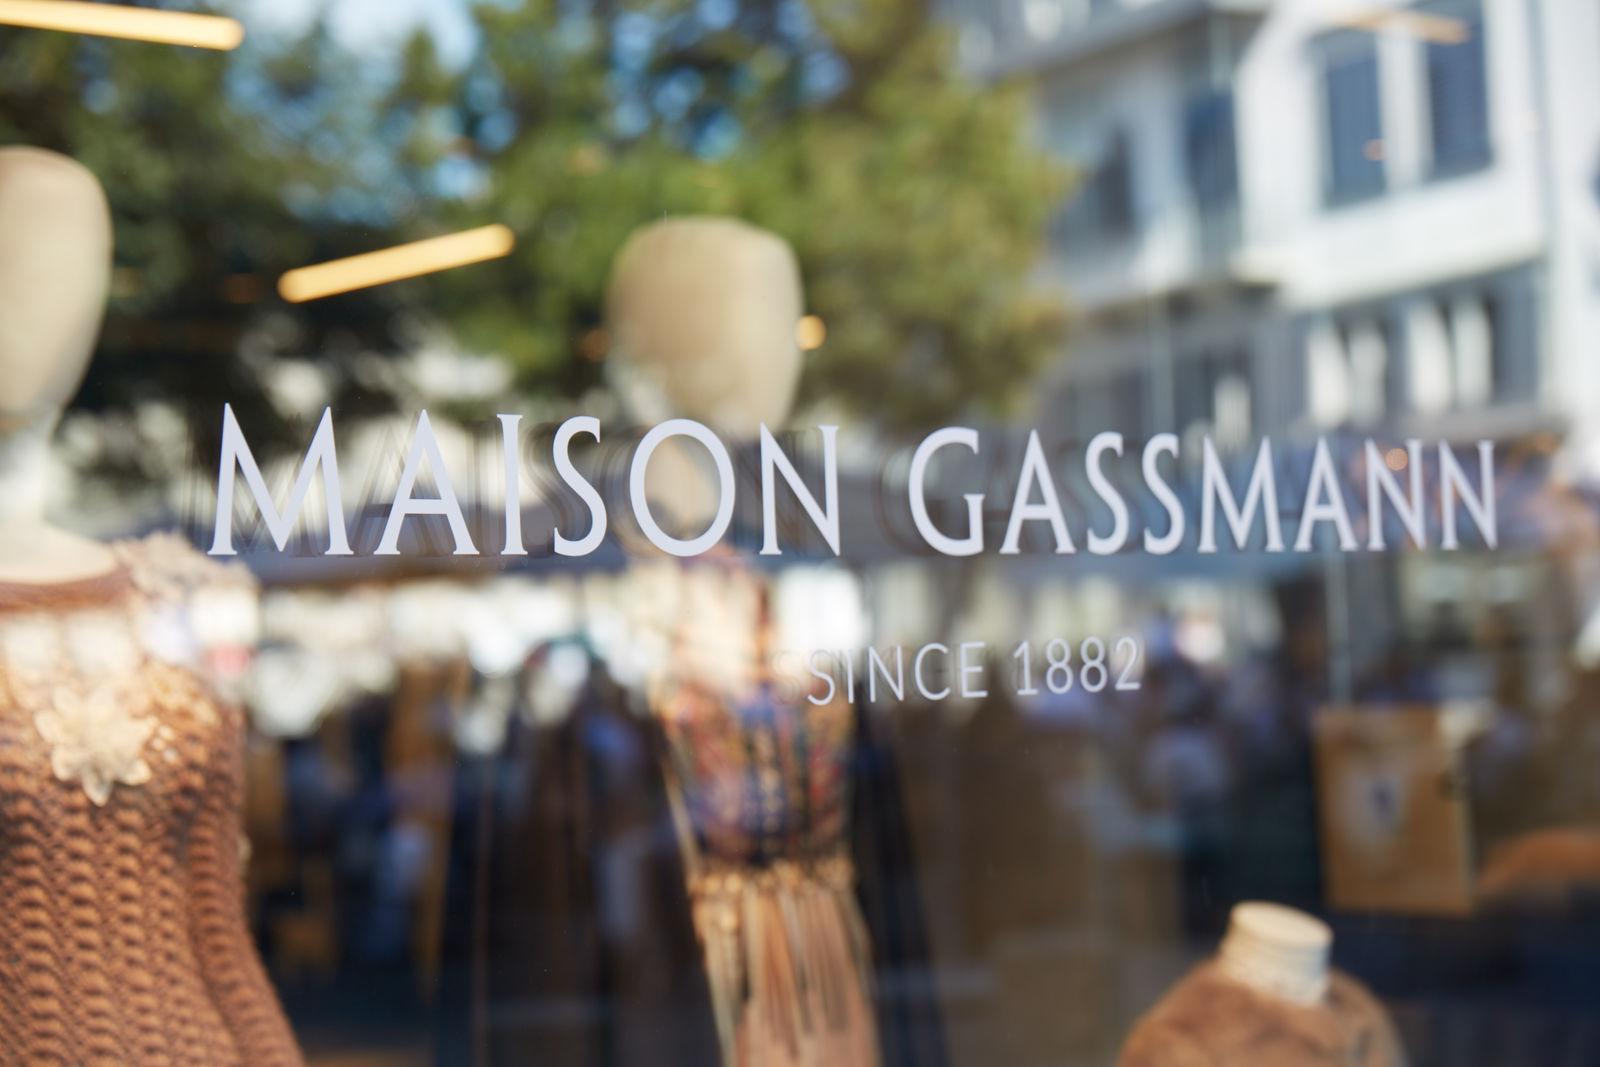 MAISON GASSMANN à Zurich (Bild 1)